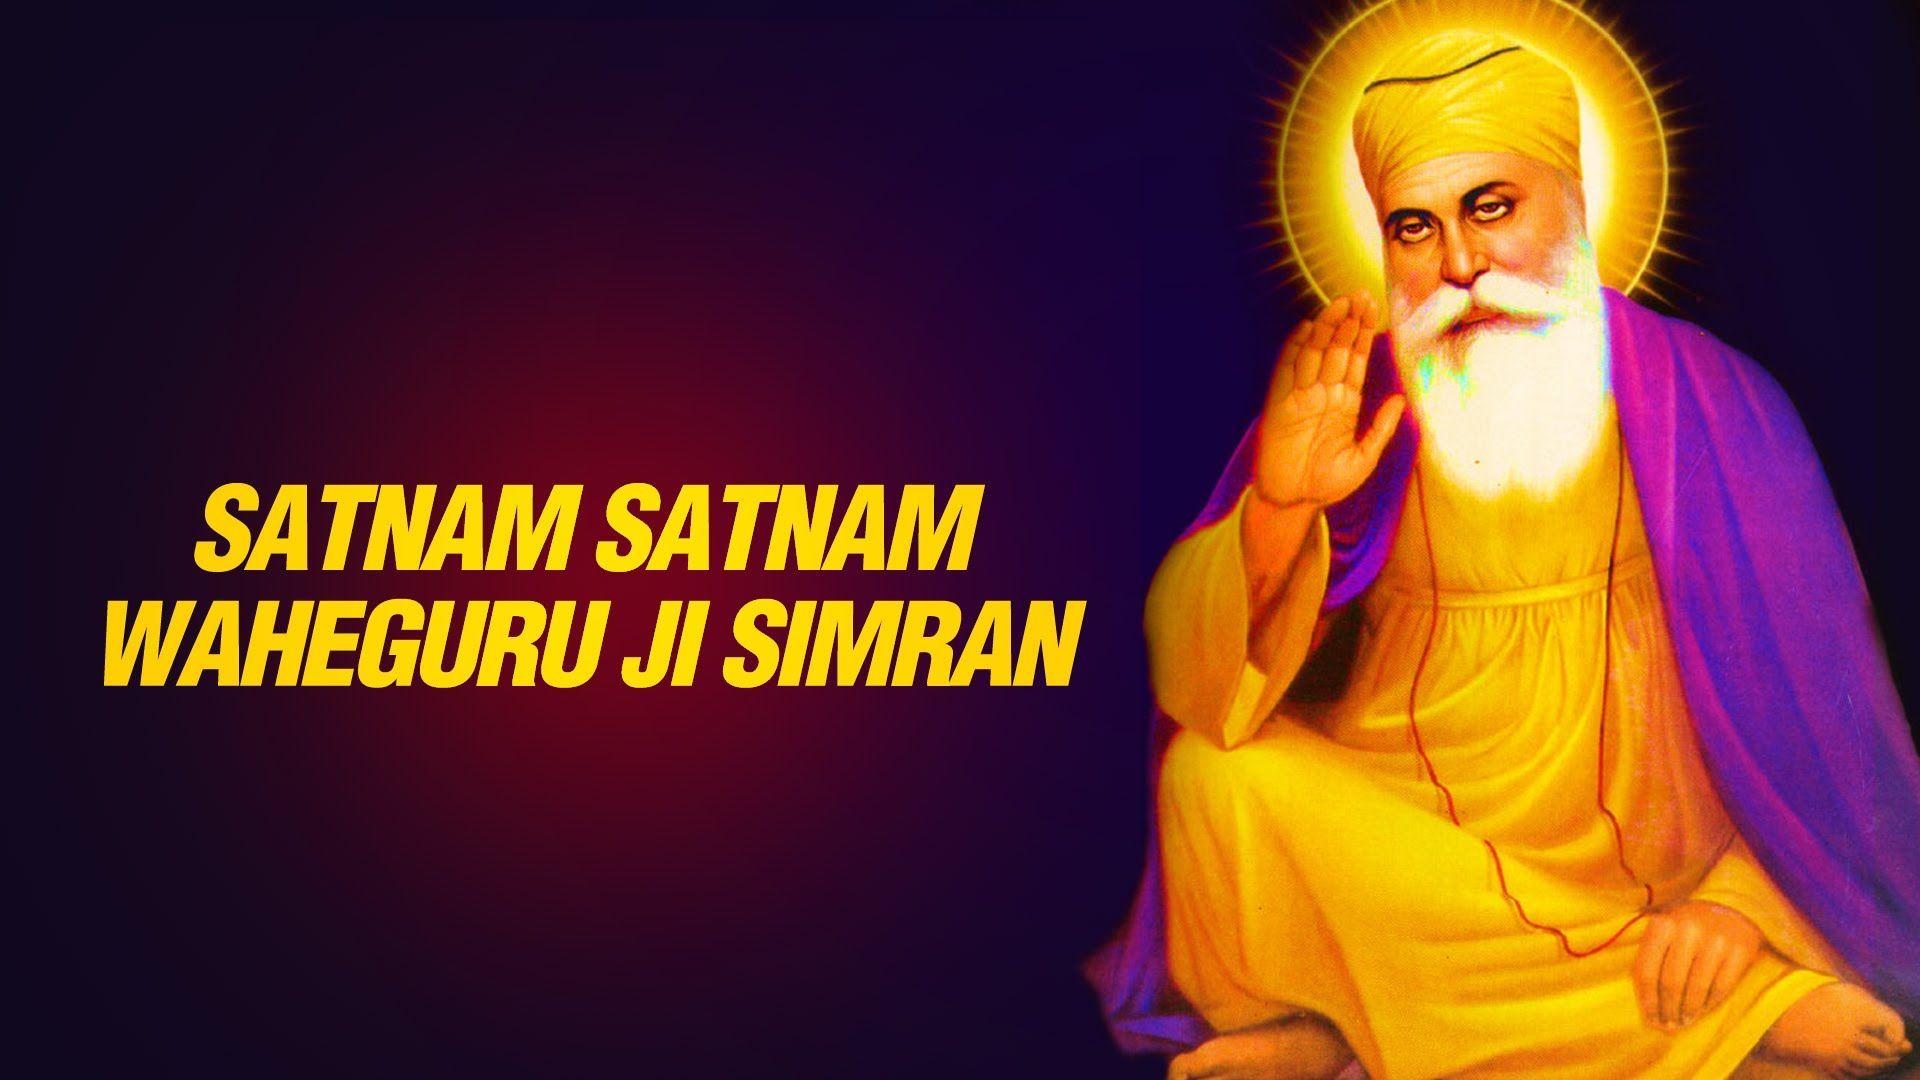 Guru Nanak Dev Wallpaper 1366×768 980×1080